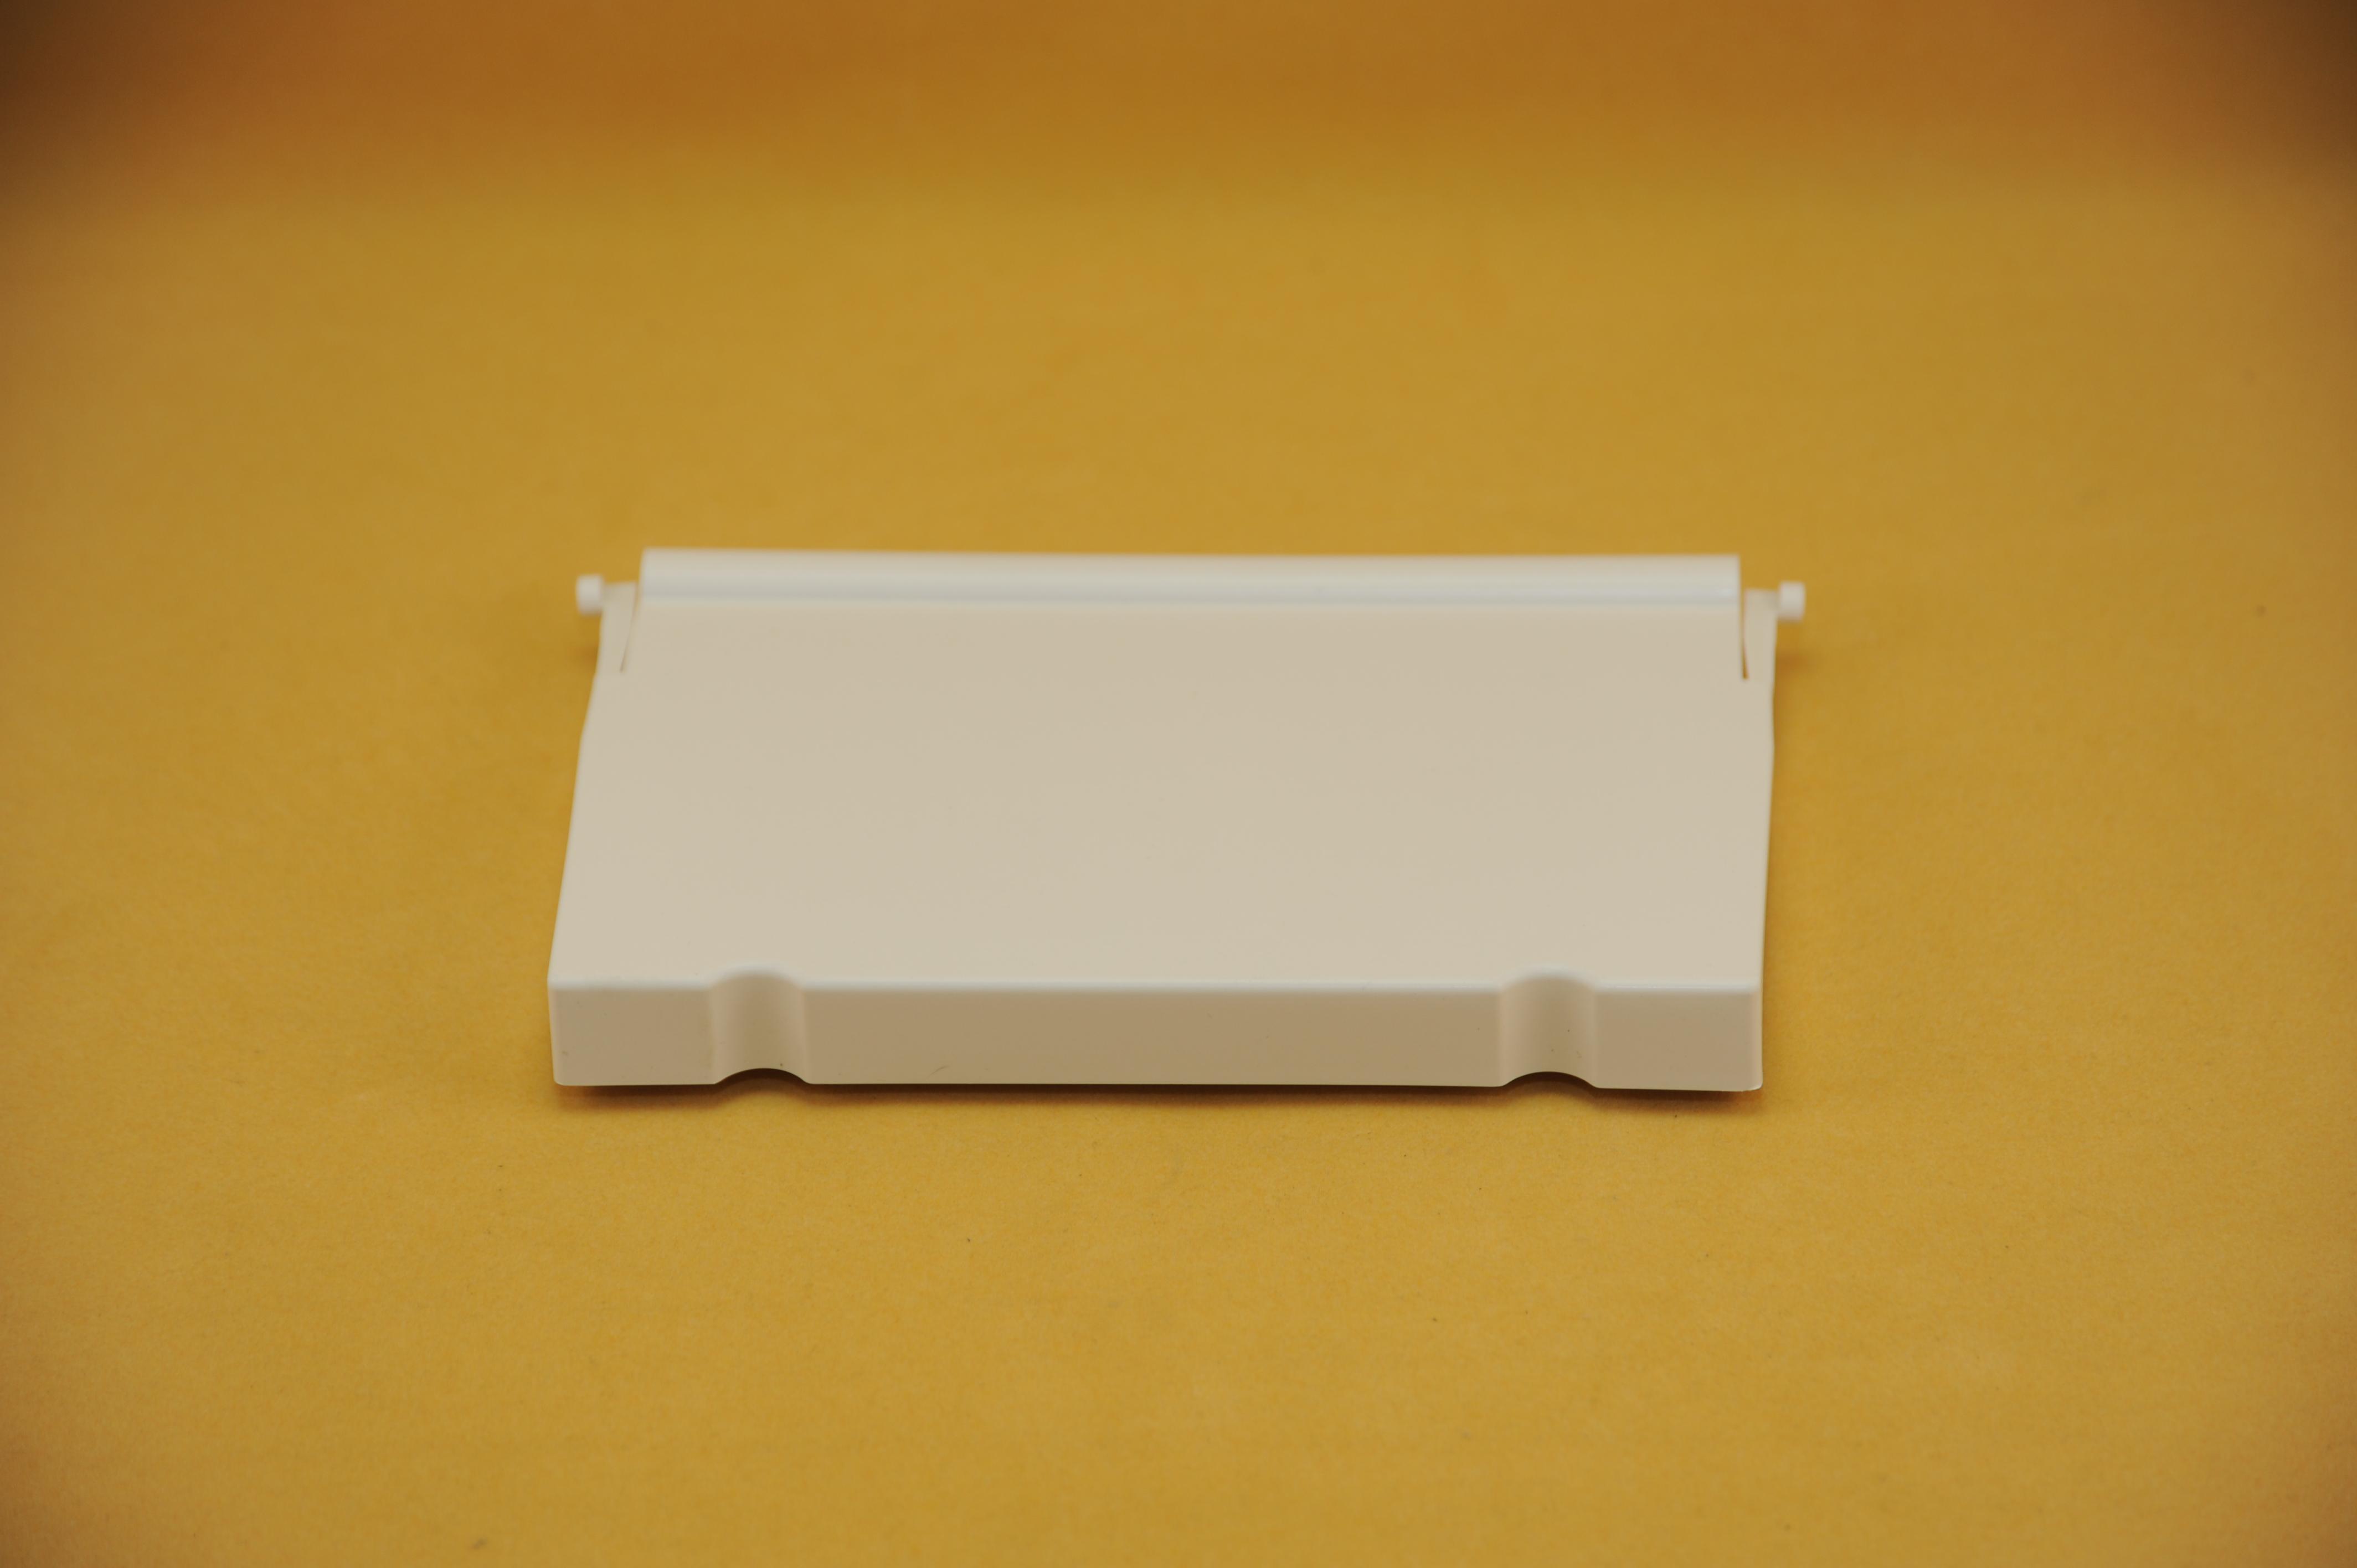 ASTRAL Skimmerklappe (Wehr) L 18,5 x 12,8 mm